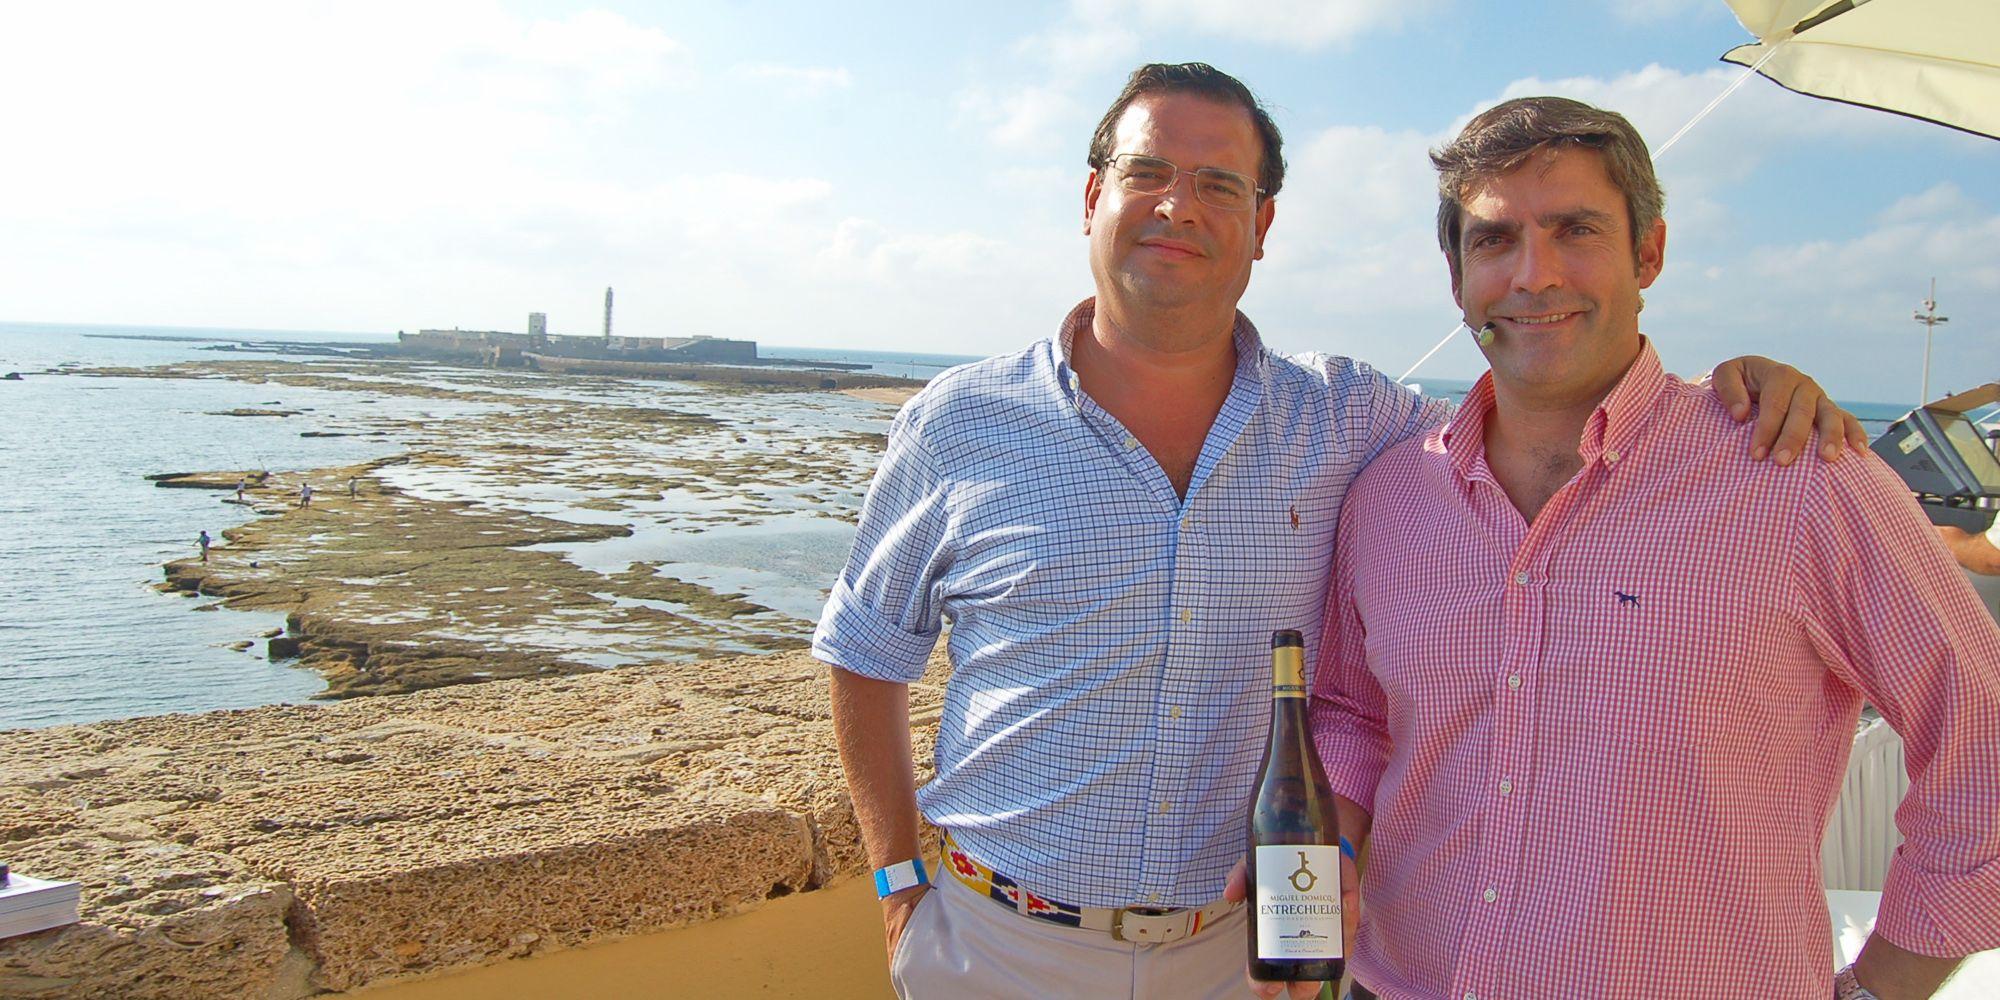 José García-Delgado, director comercial, y Joaquín Gómez, enólogo, posan con una botella de Entrecheulos Chardonnay